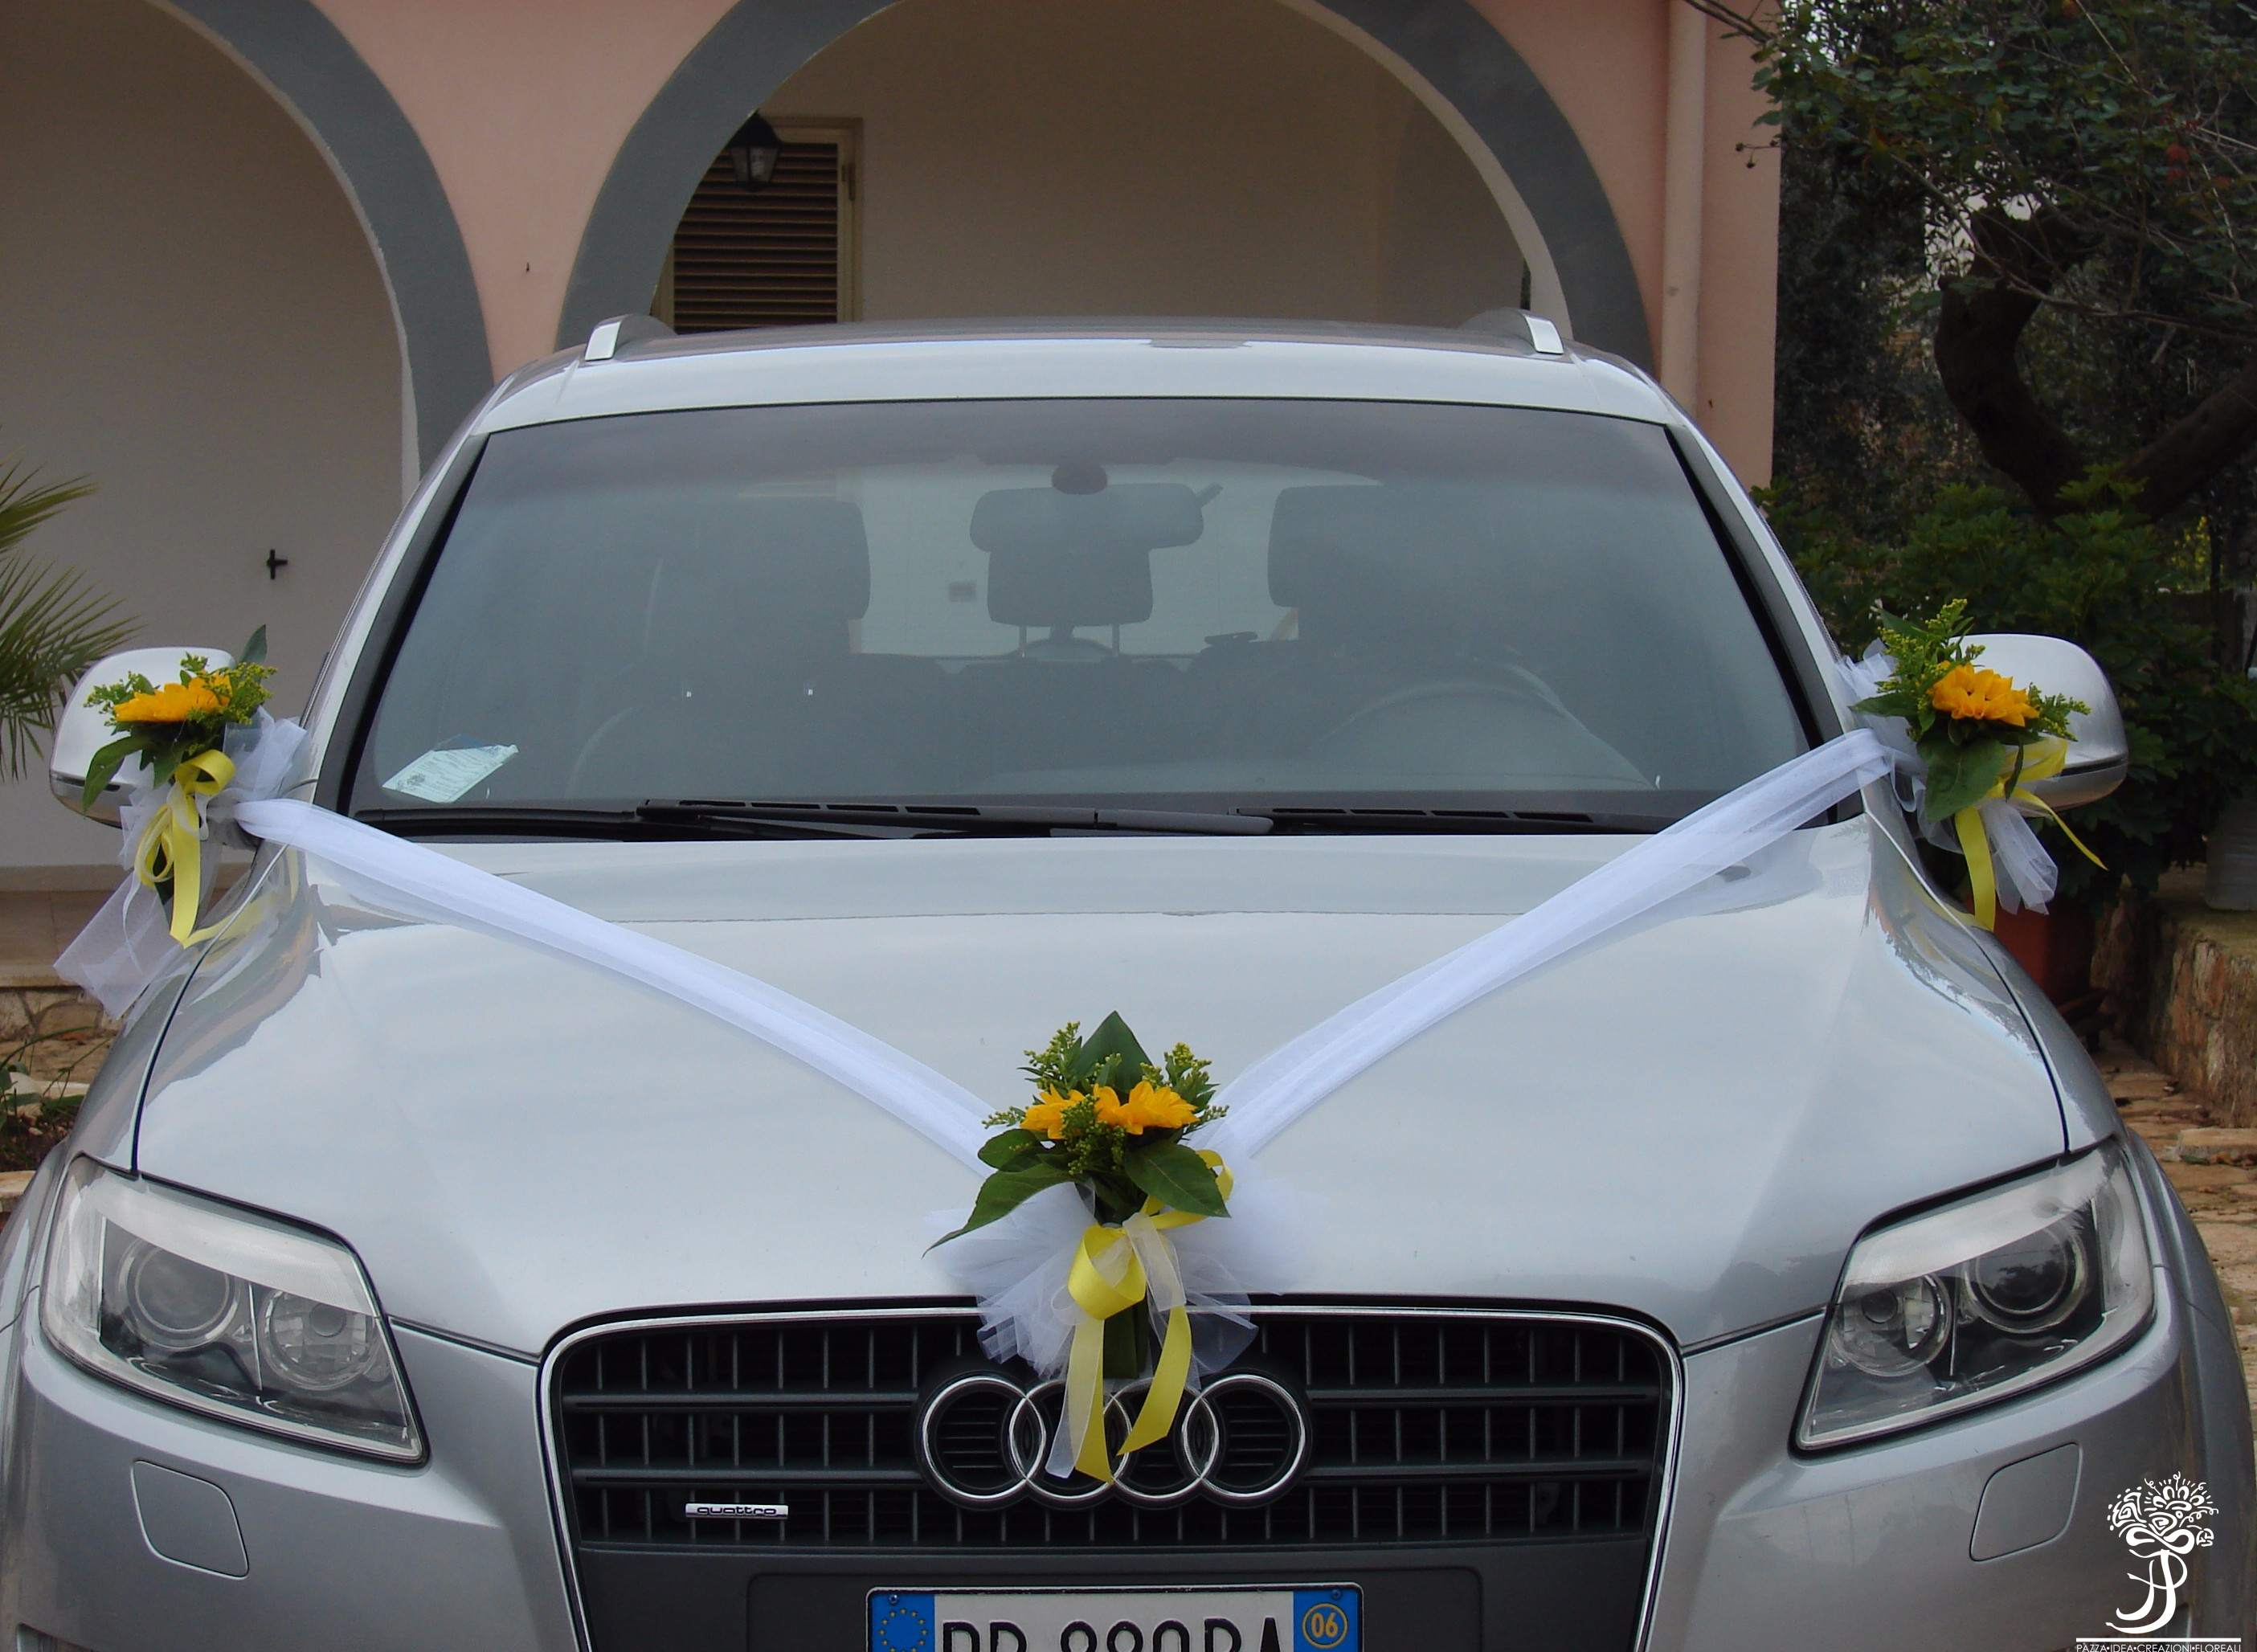 Hochzeiten Florist In Fasano Verruckte Idee Hochzeit Florist